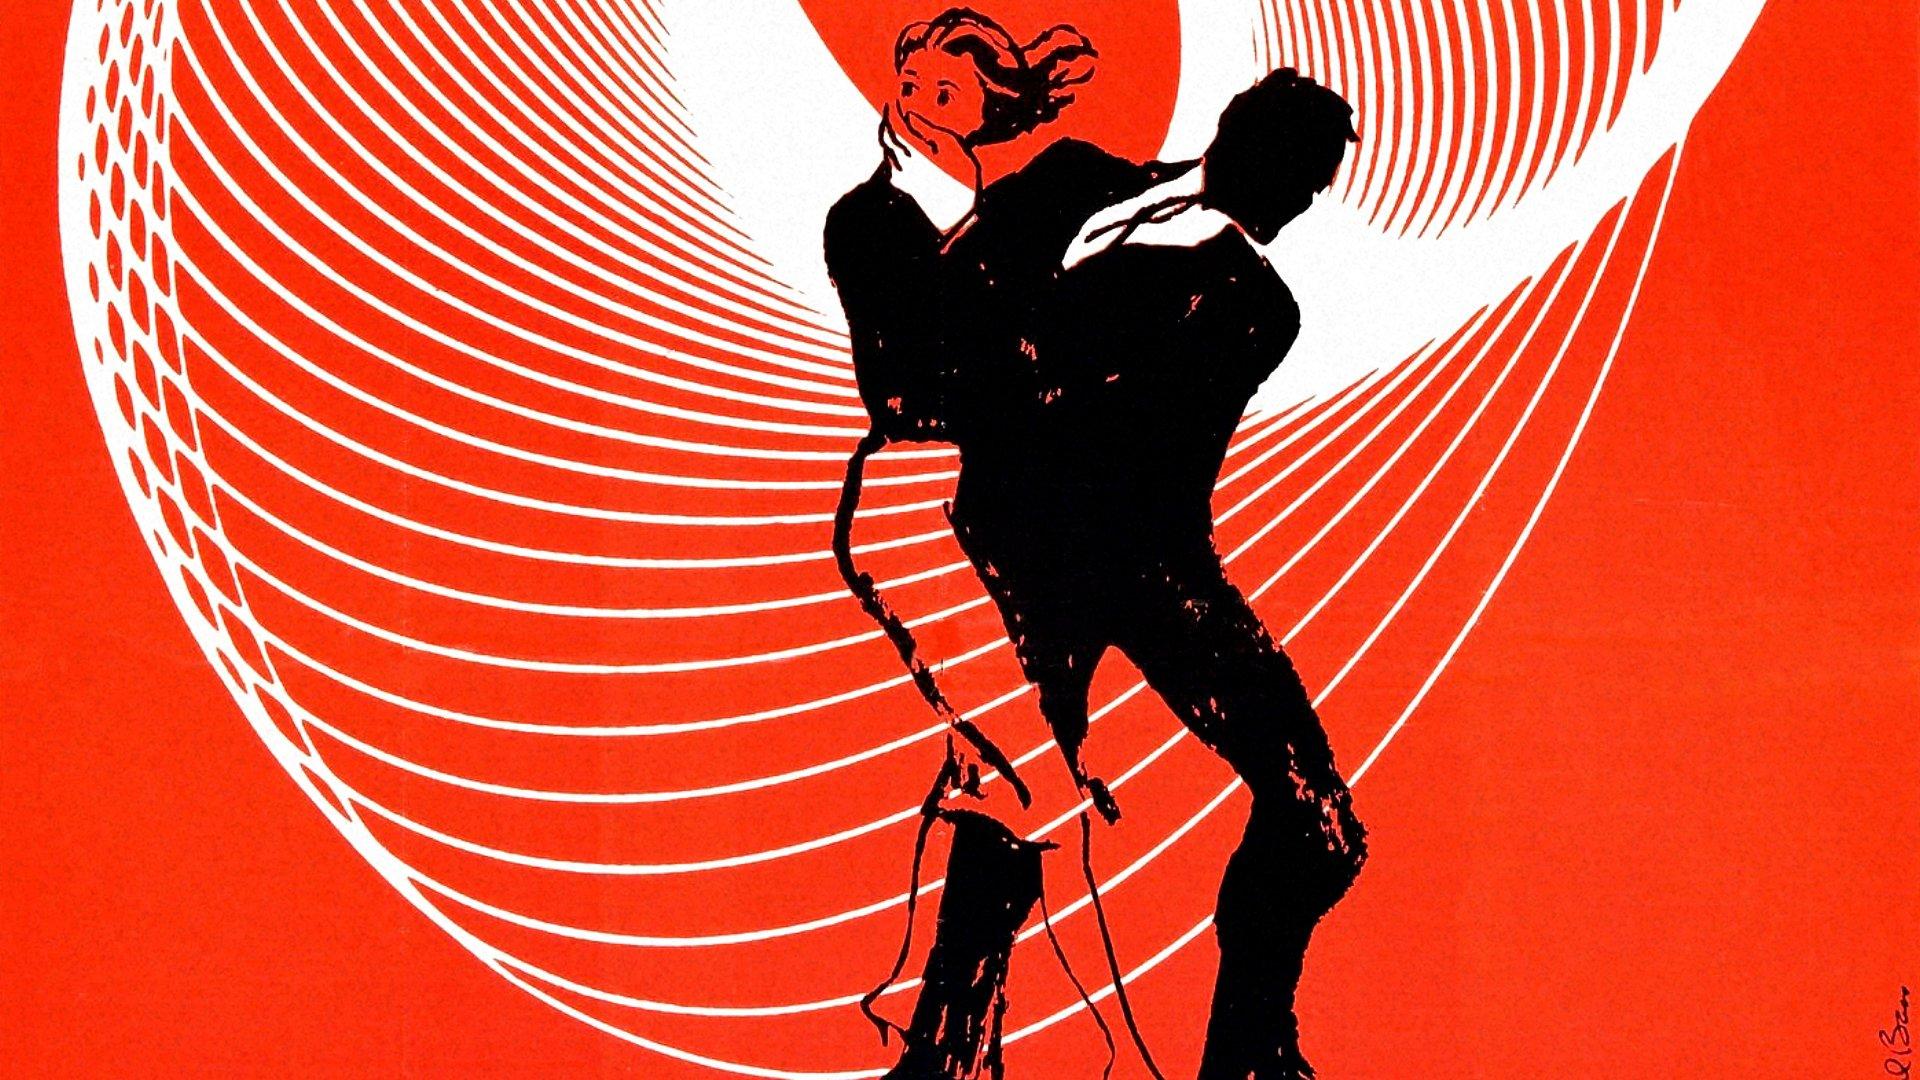 vertigo wallpaper eclectic - photo #15